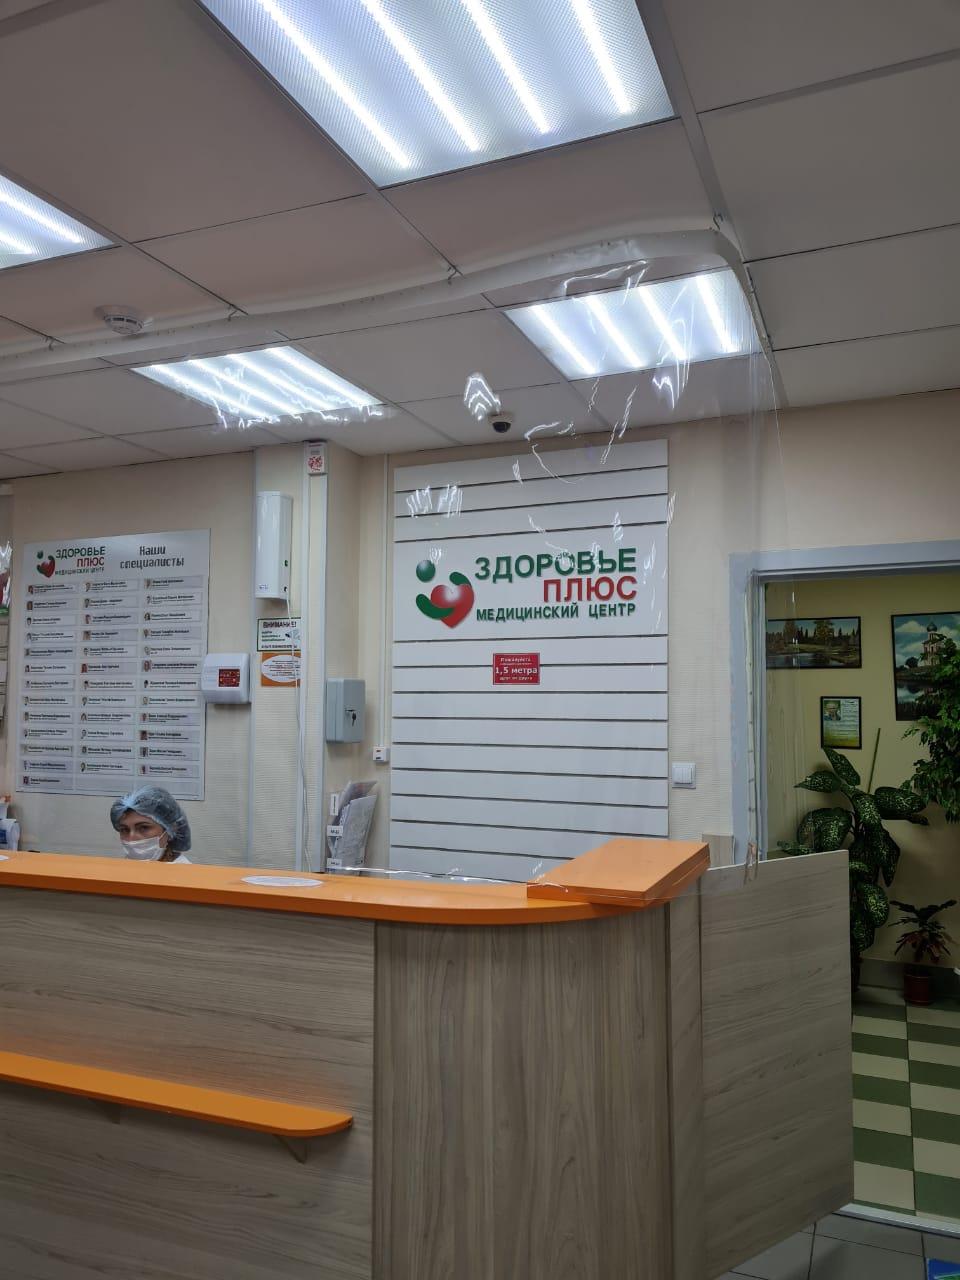 Защитные шторы это выполнены из пленок ПВХ и ТПУ. Они размещаются в зоне рецепции (приема посетителей) и служат прозрачным барьером между сотрудниками вашей компании и посетителями.